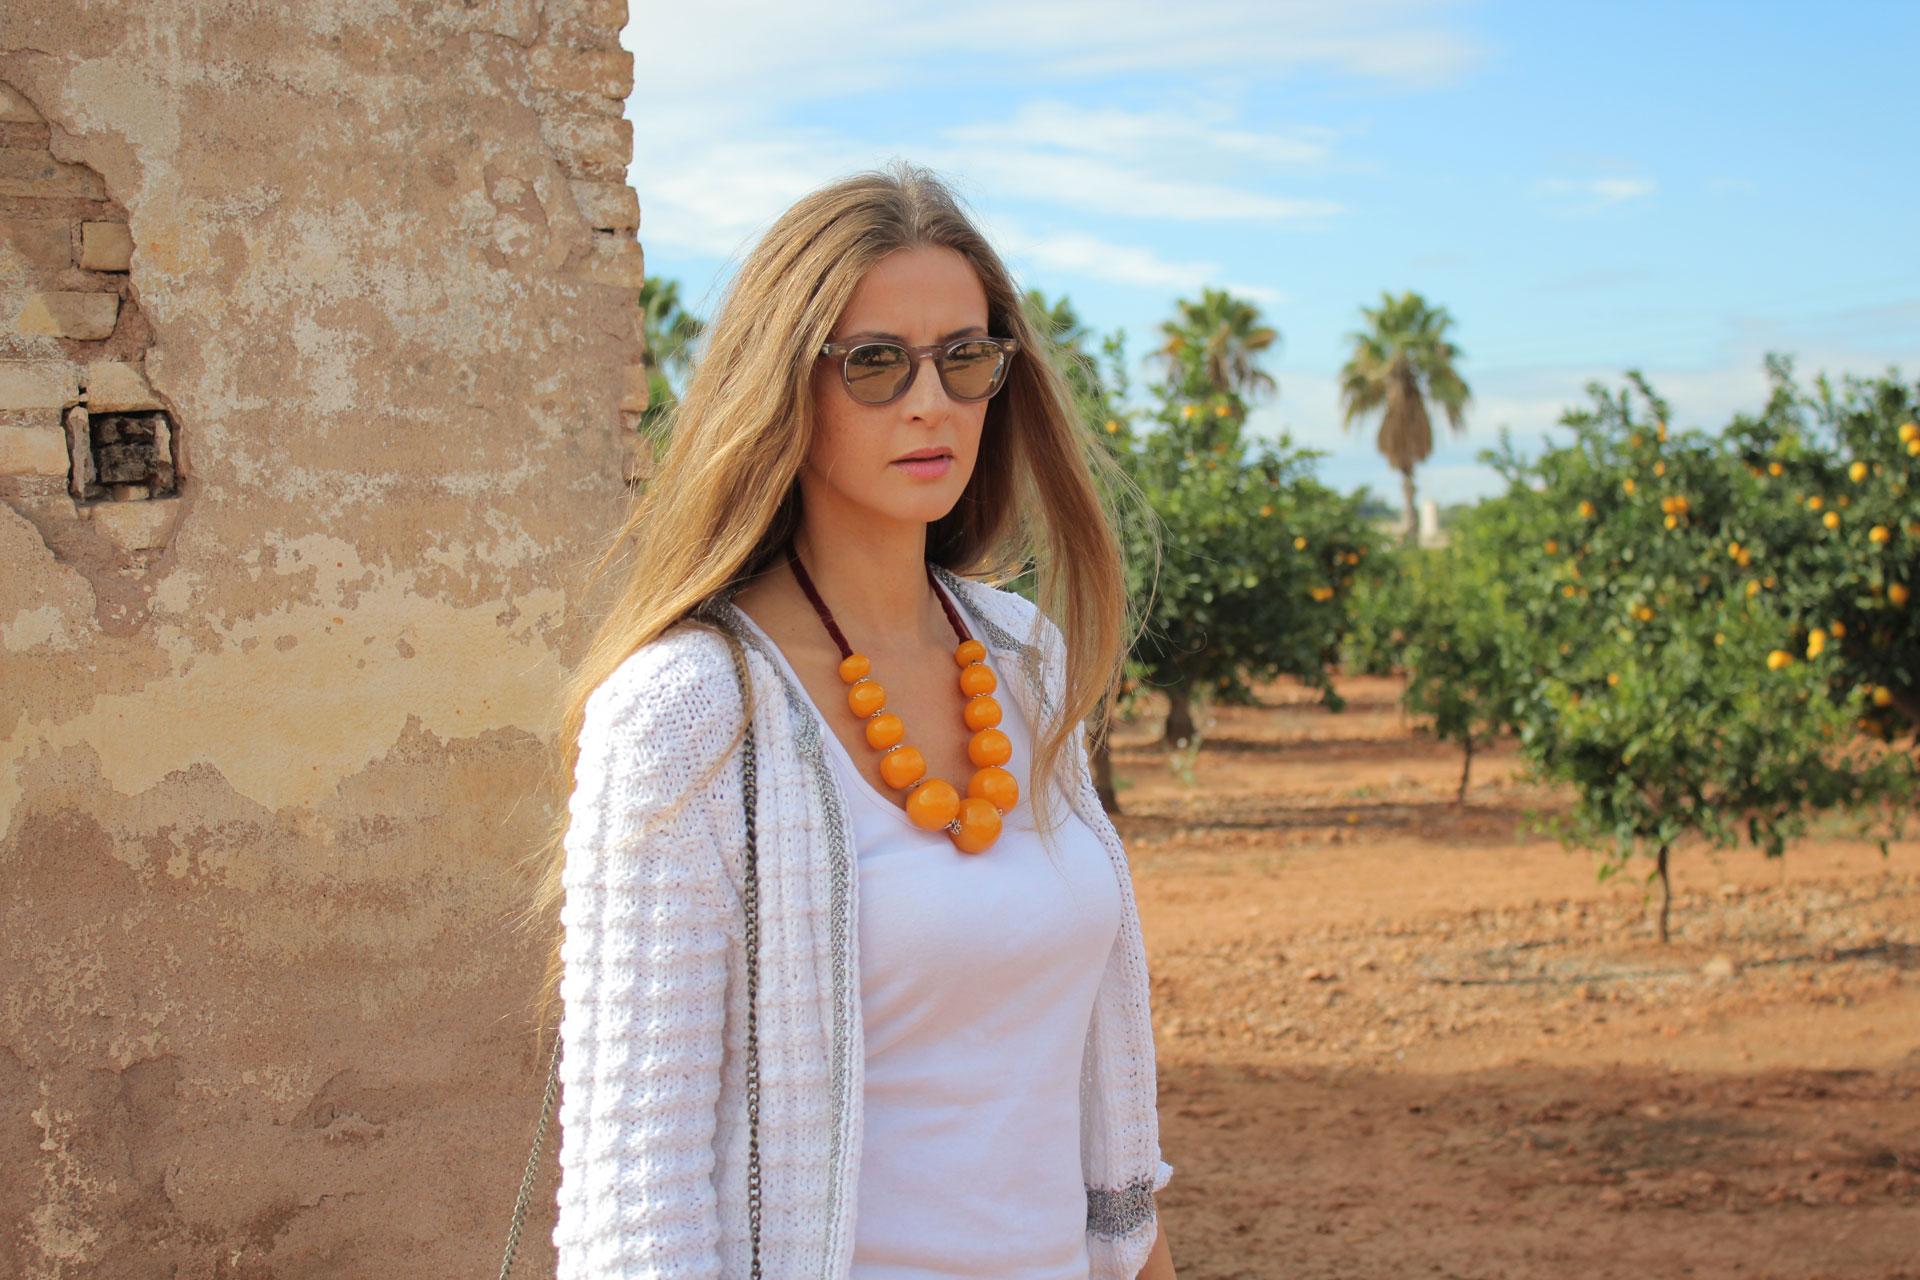 """""""Knitting & Crochet"""" nueva marca Valenciana con mucho gancho. De agujas y bonitos tejidos de alta calidad, va el tema."""